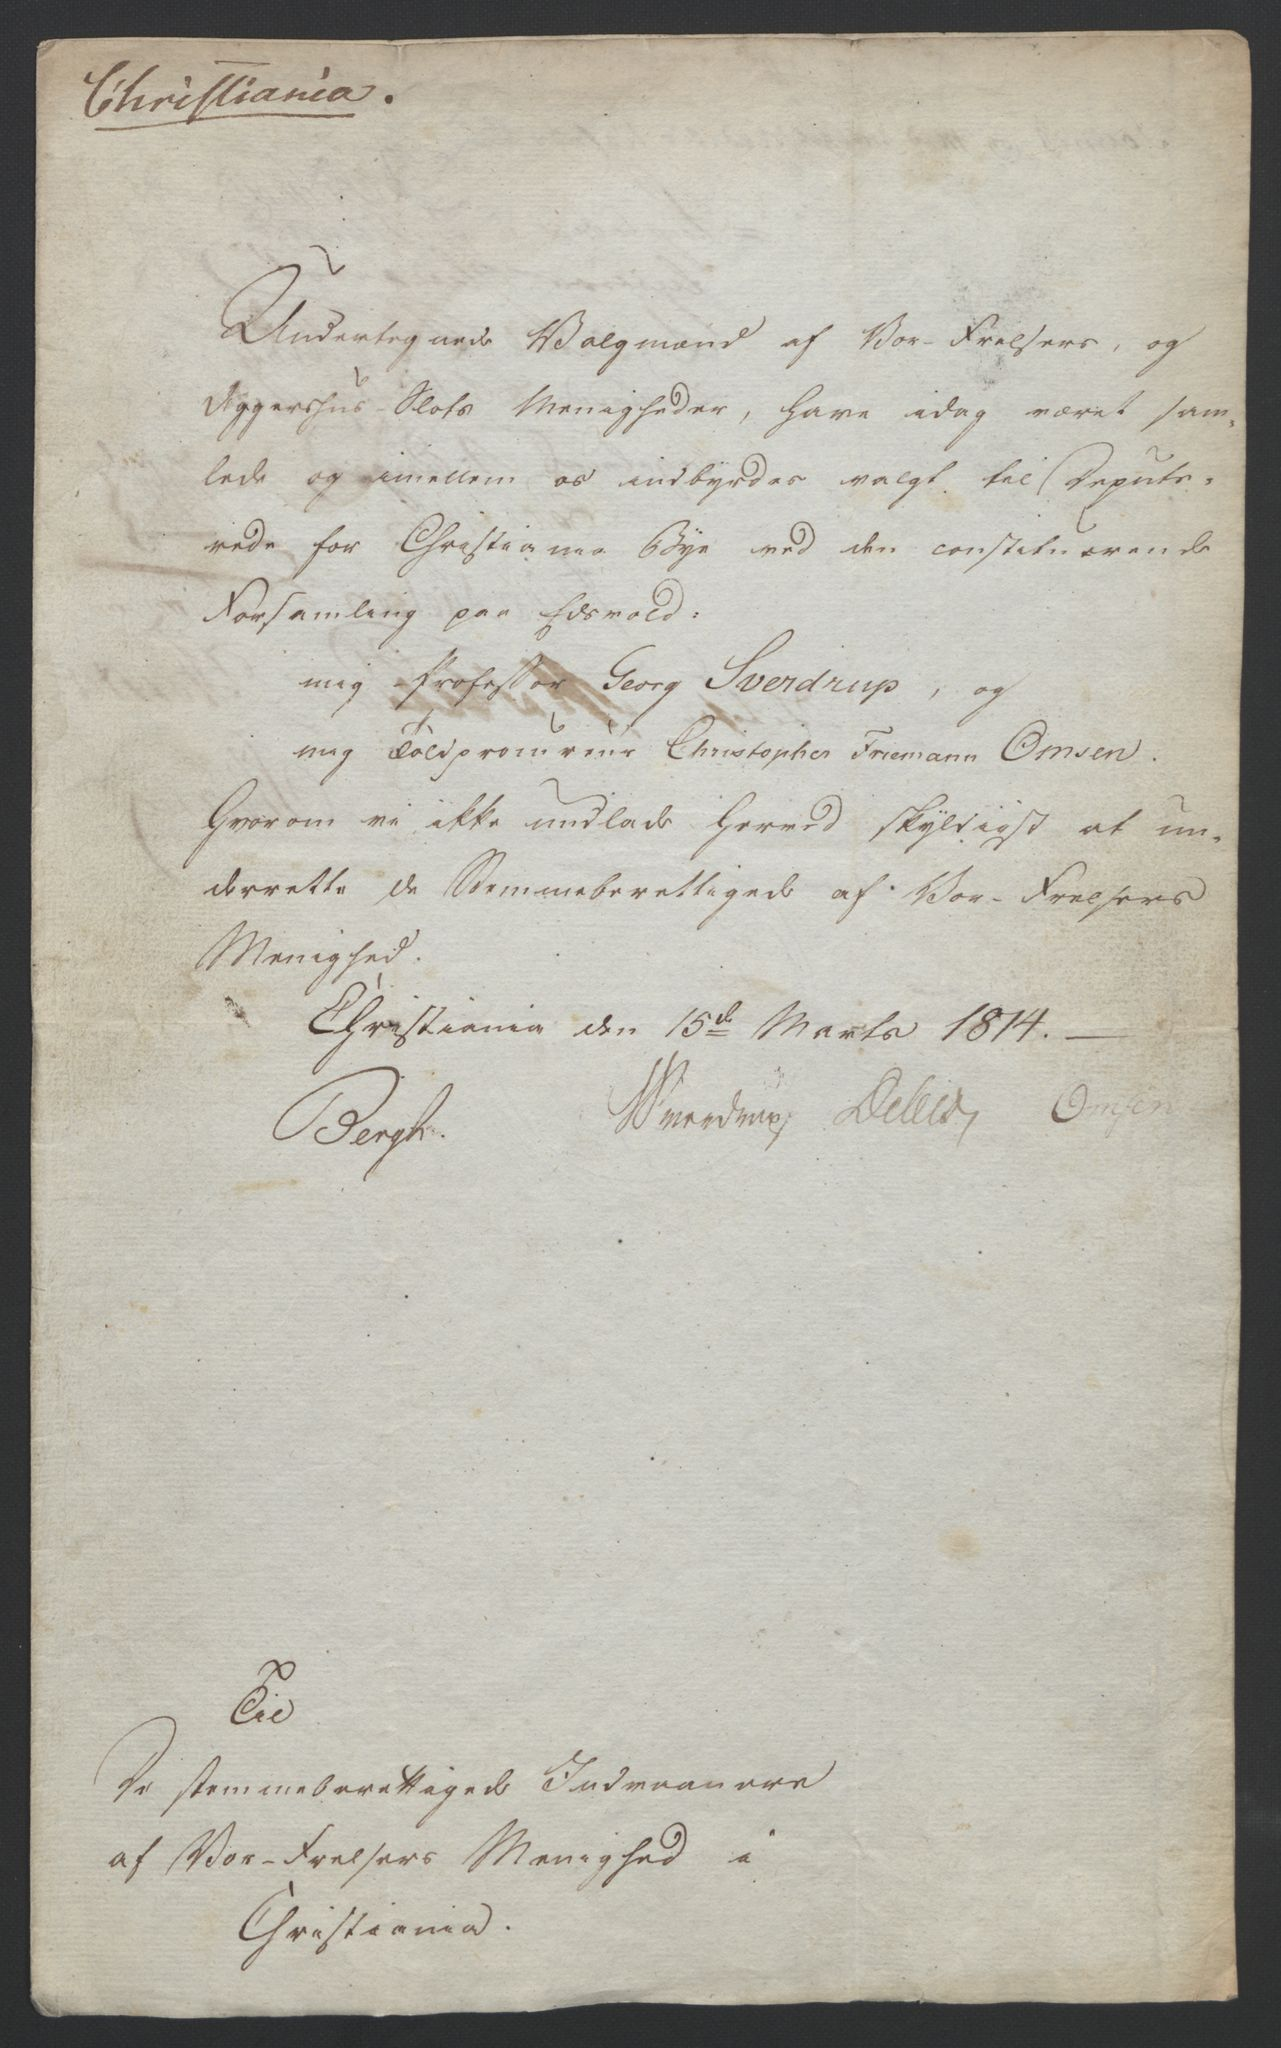 RA, Statsrådssekretariatet, D/Db/L0007: Fullmakter for Eidsvollsrepresentantene i 1814. , 1814, s. 24